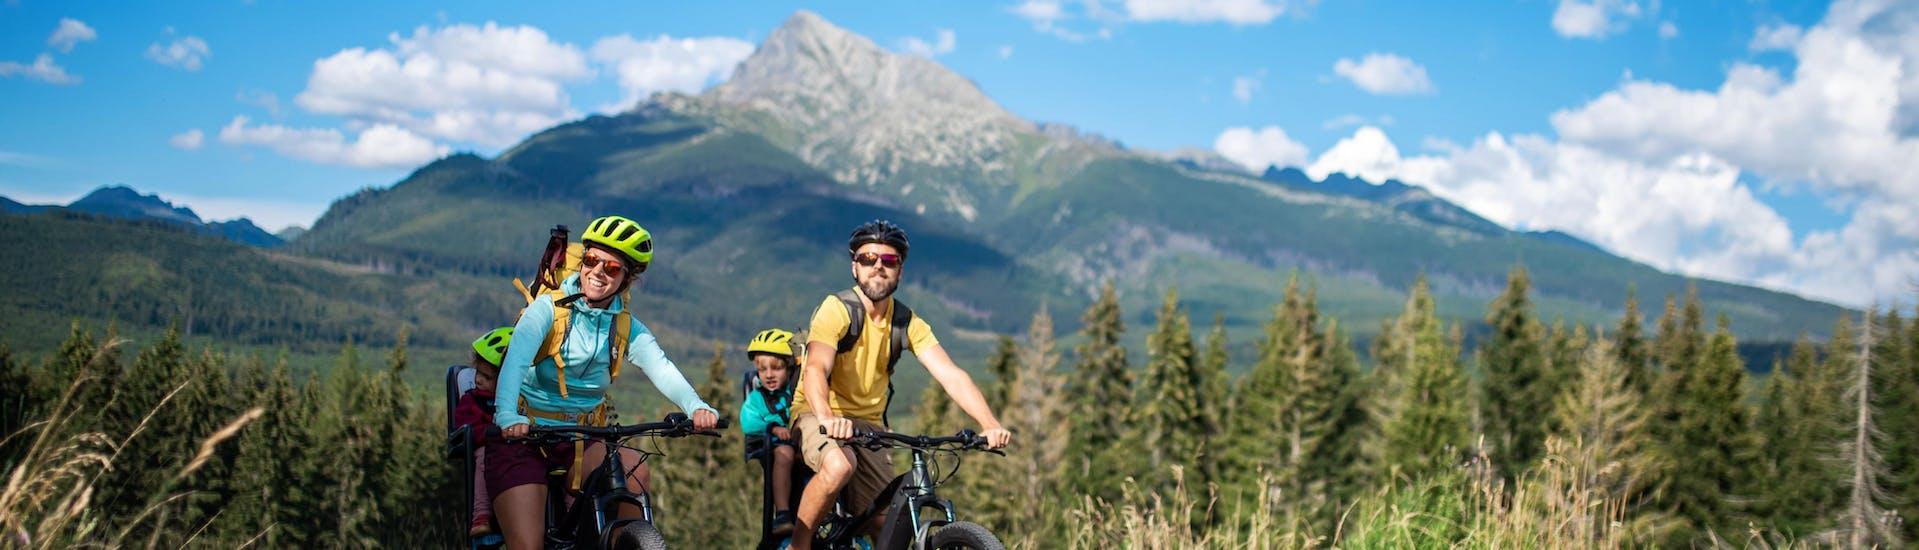 Eine Familie fährt mit ihren E-Bikes, die sie bei einem E-Bike Verleih gemietet hat, einen Bergweg entlang.